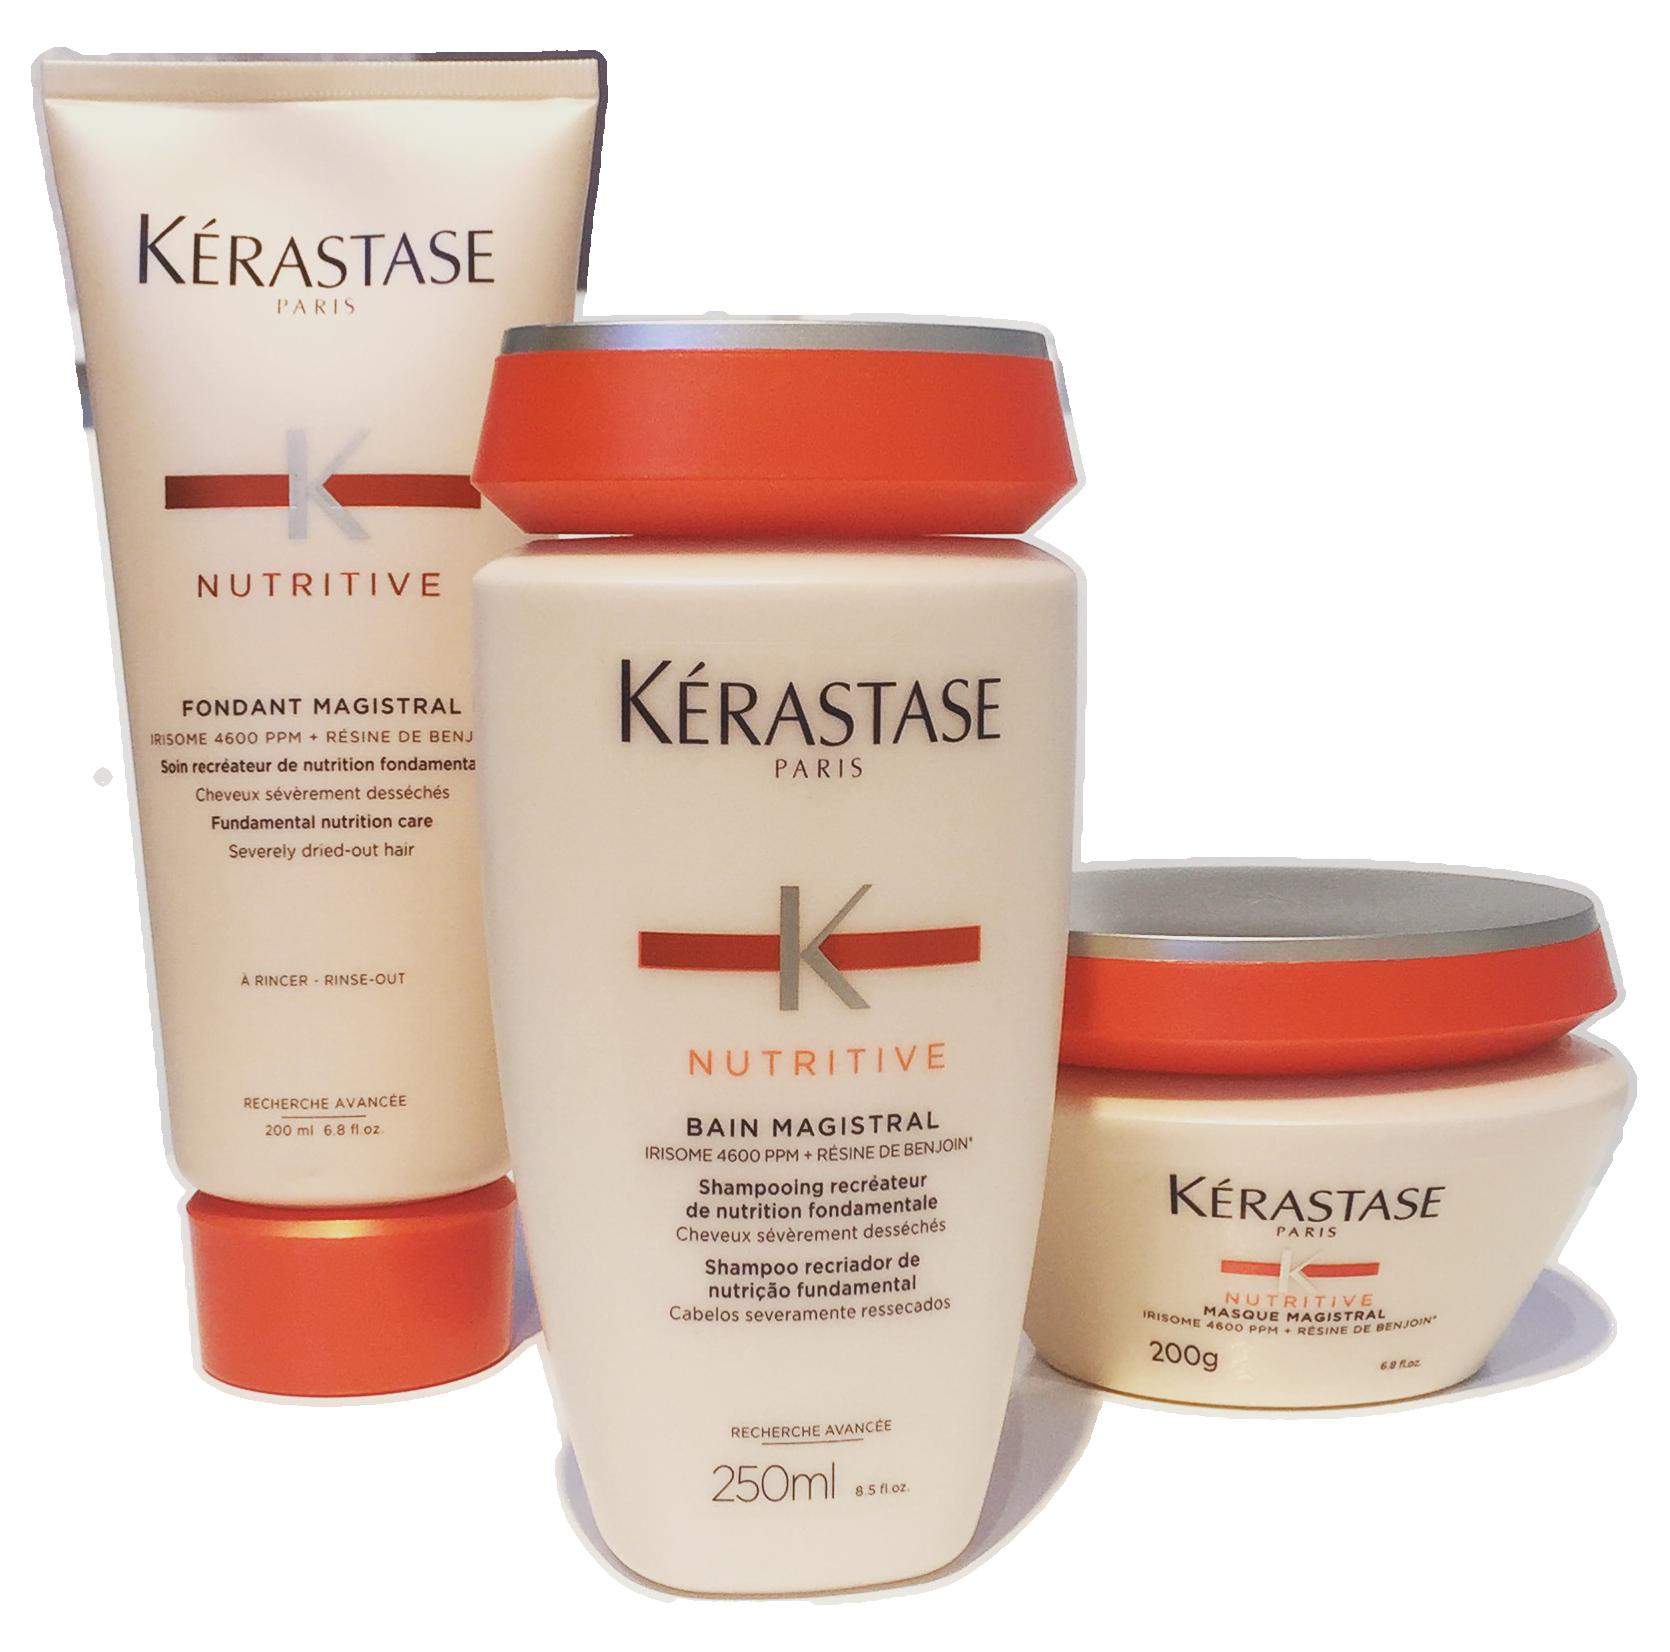 kerastase-magistral-nutritive-lancamento-novo-mascara-shampoo-condicionador